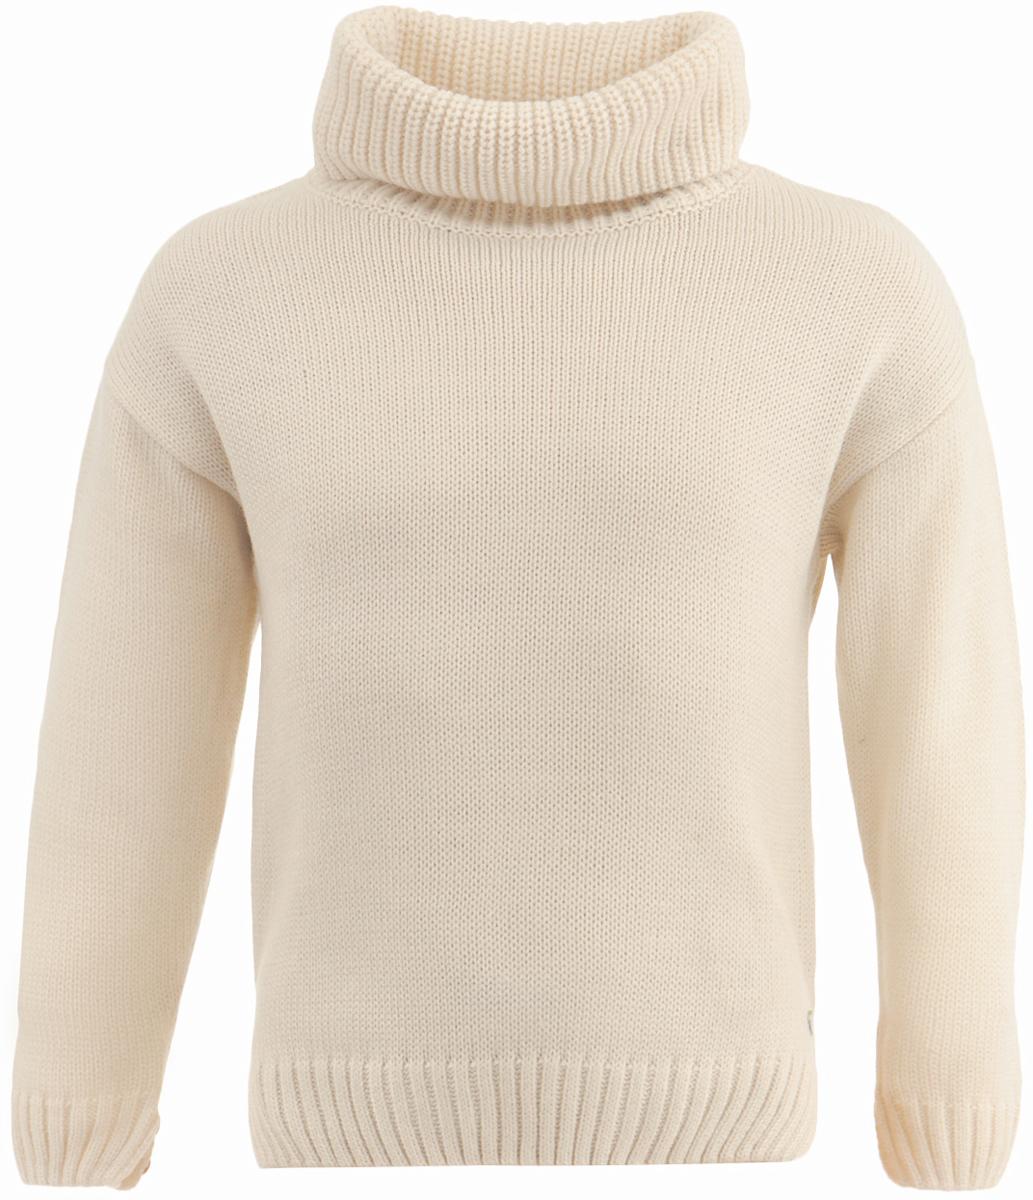 Свитер для девочки Button Blue, цвет: молочный. 217BBGC35041400. Размер 146, 11 лет217BBGC35041400Купить модный свитер для девочки - задача не из простых. А купить модный свитер недорого еще сложнее! Ведь он должен не только согревать, но и быть стильным, интересным, формируя зимний образ ребенка. Детский свитер от Button Blue - достойное и выгодное приобретение. Мягкая пряжа, свободный прямой силуэт, боковые разрезы делают свитер привлекательным. Вязаный свитер - отличный вариант для тех, кто ценит тепло, уют и комфорт.